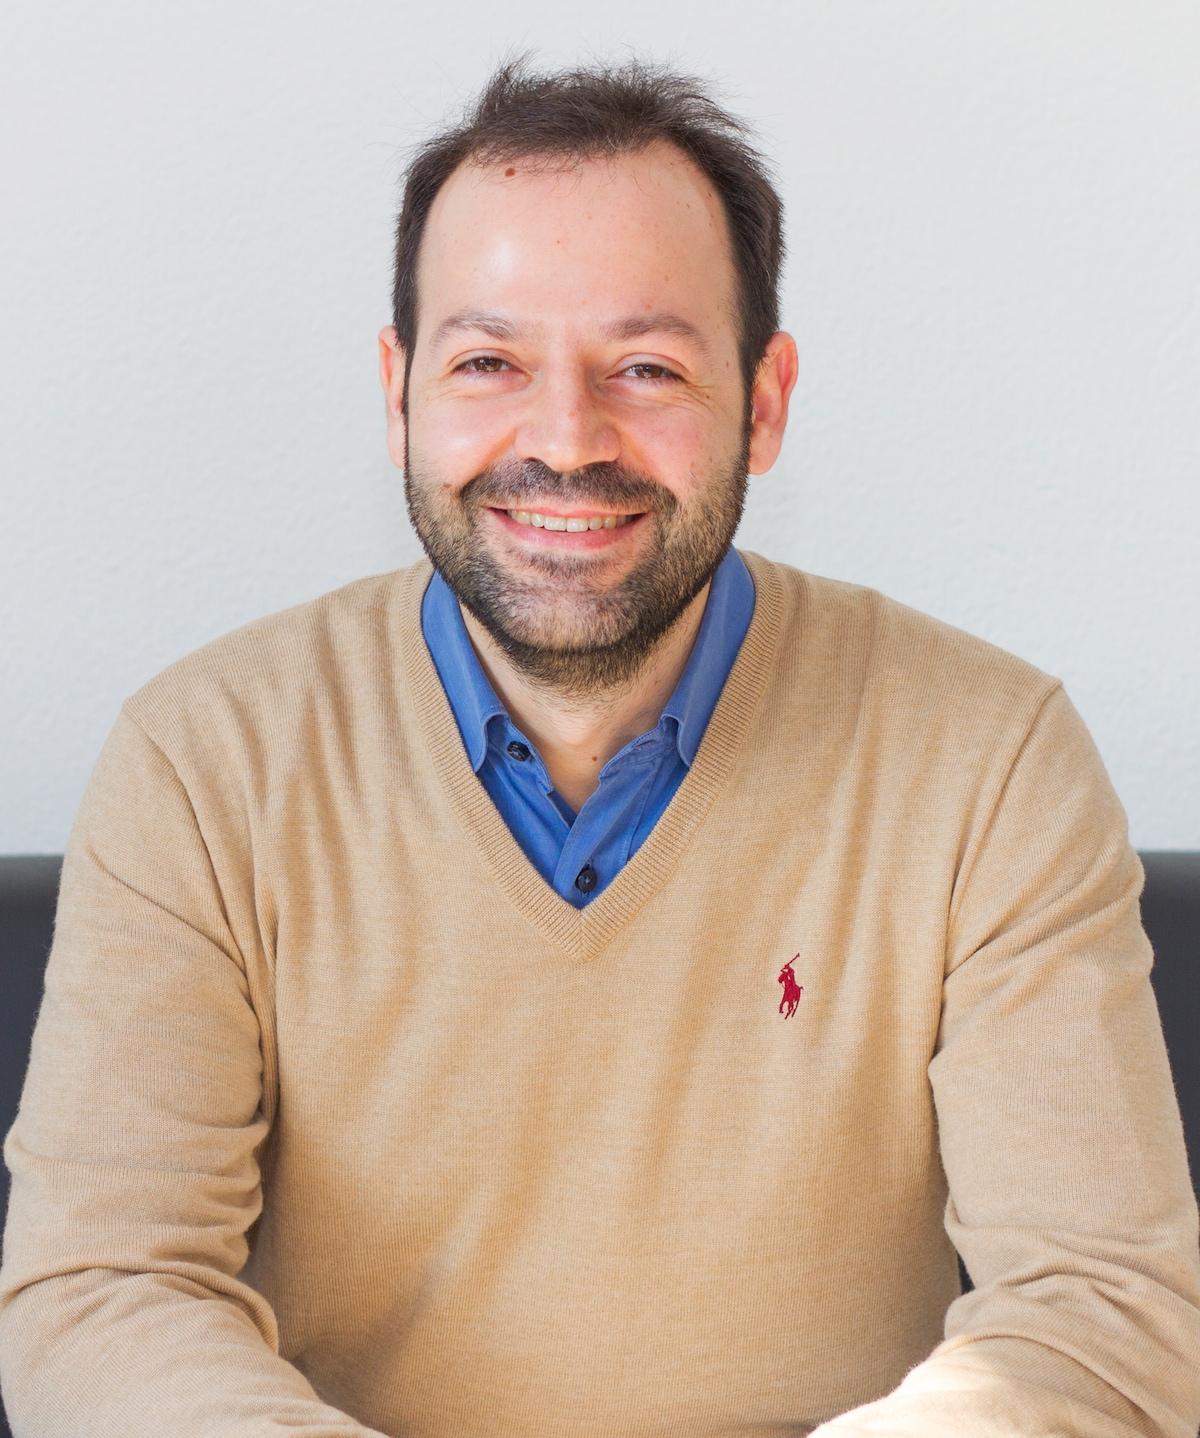 Roberto From Cagliari, Italy